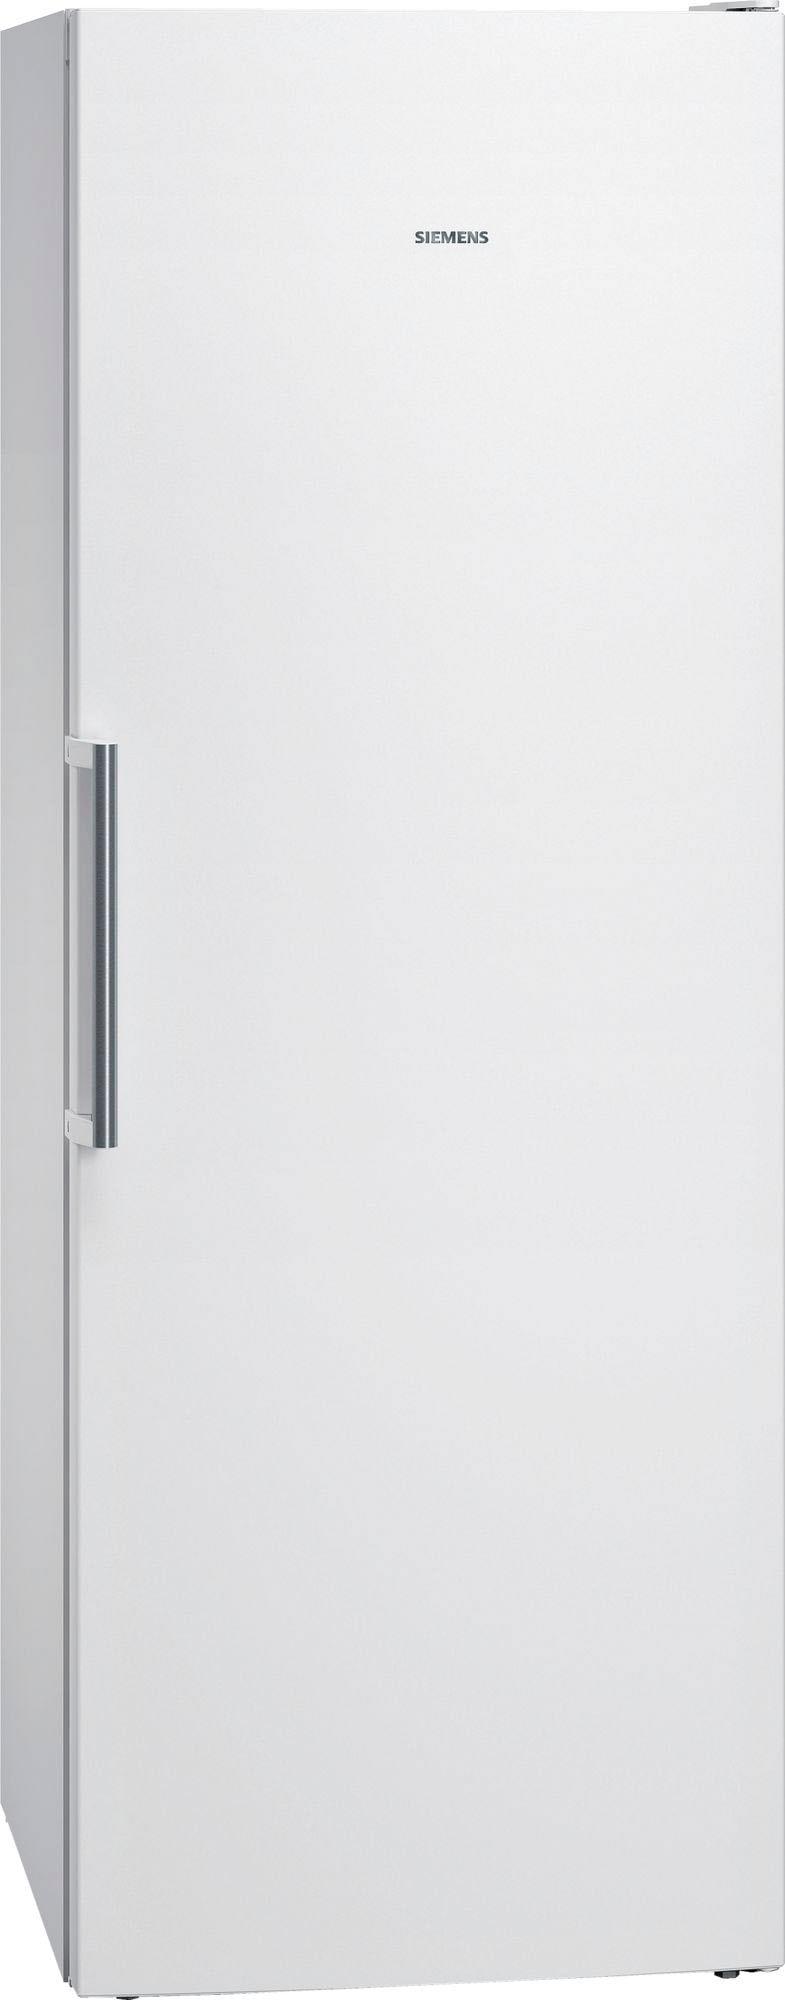 SIEMENS Gefrierschrank GS58NAWDV, 191 cm hoch, 70 cm breit